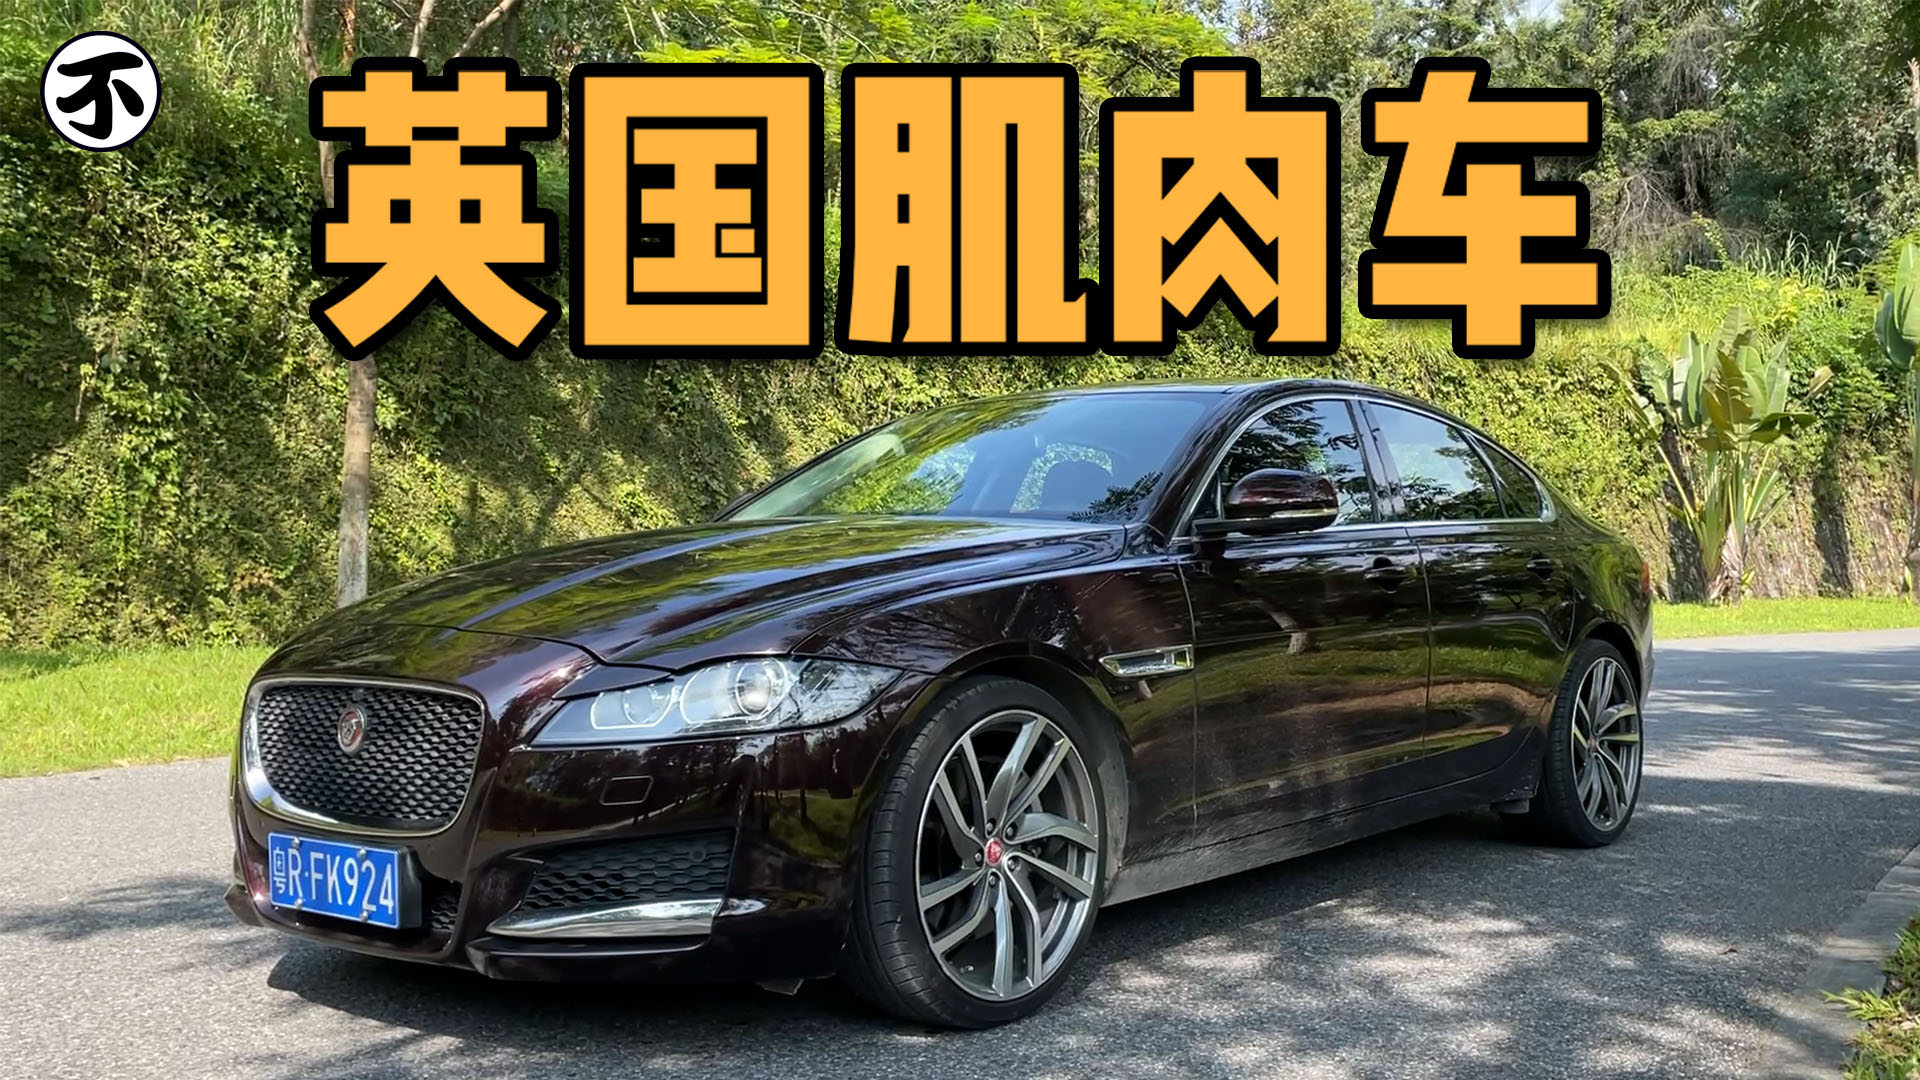 """新车60万如今就值20万,""""英国贵族""""捷豹XF开起来如何?视频"""